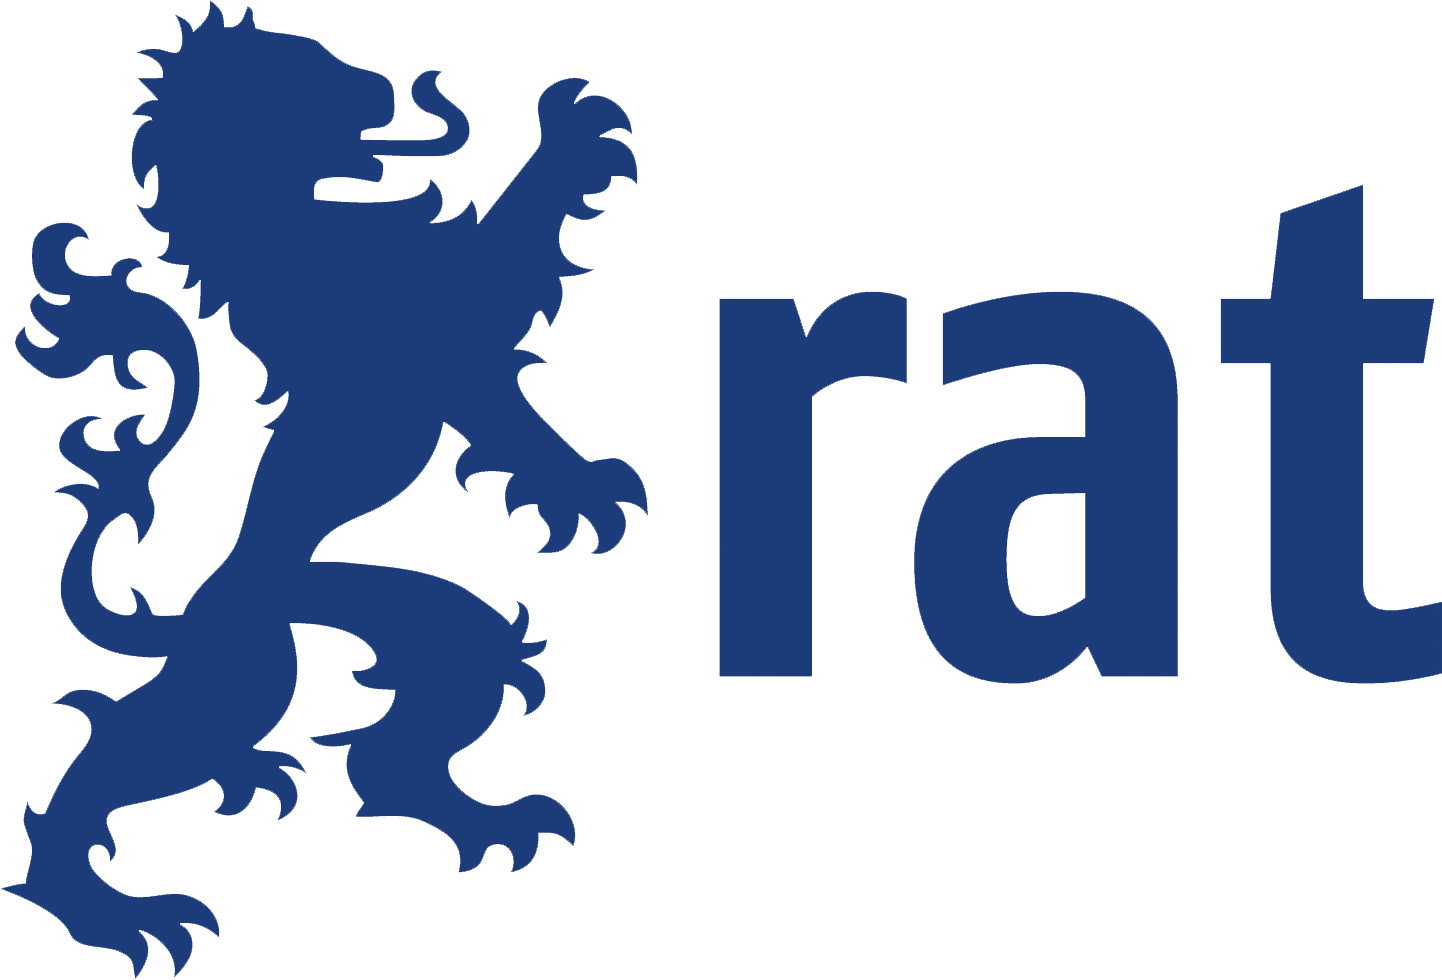 Rat Capital